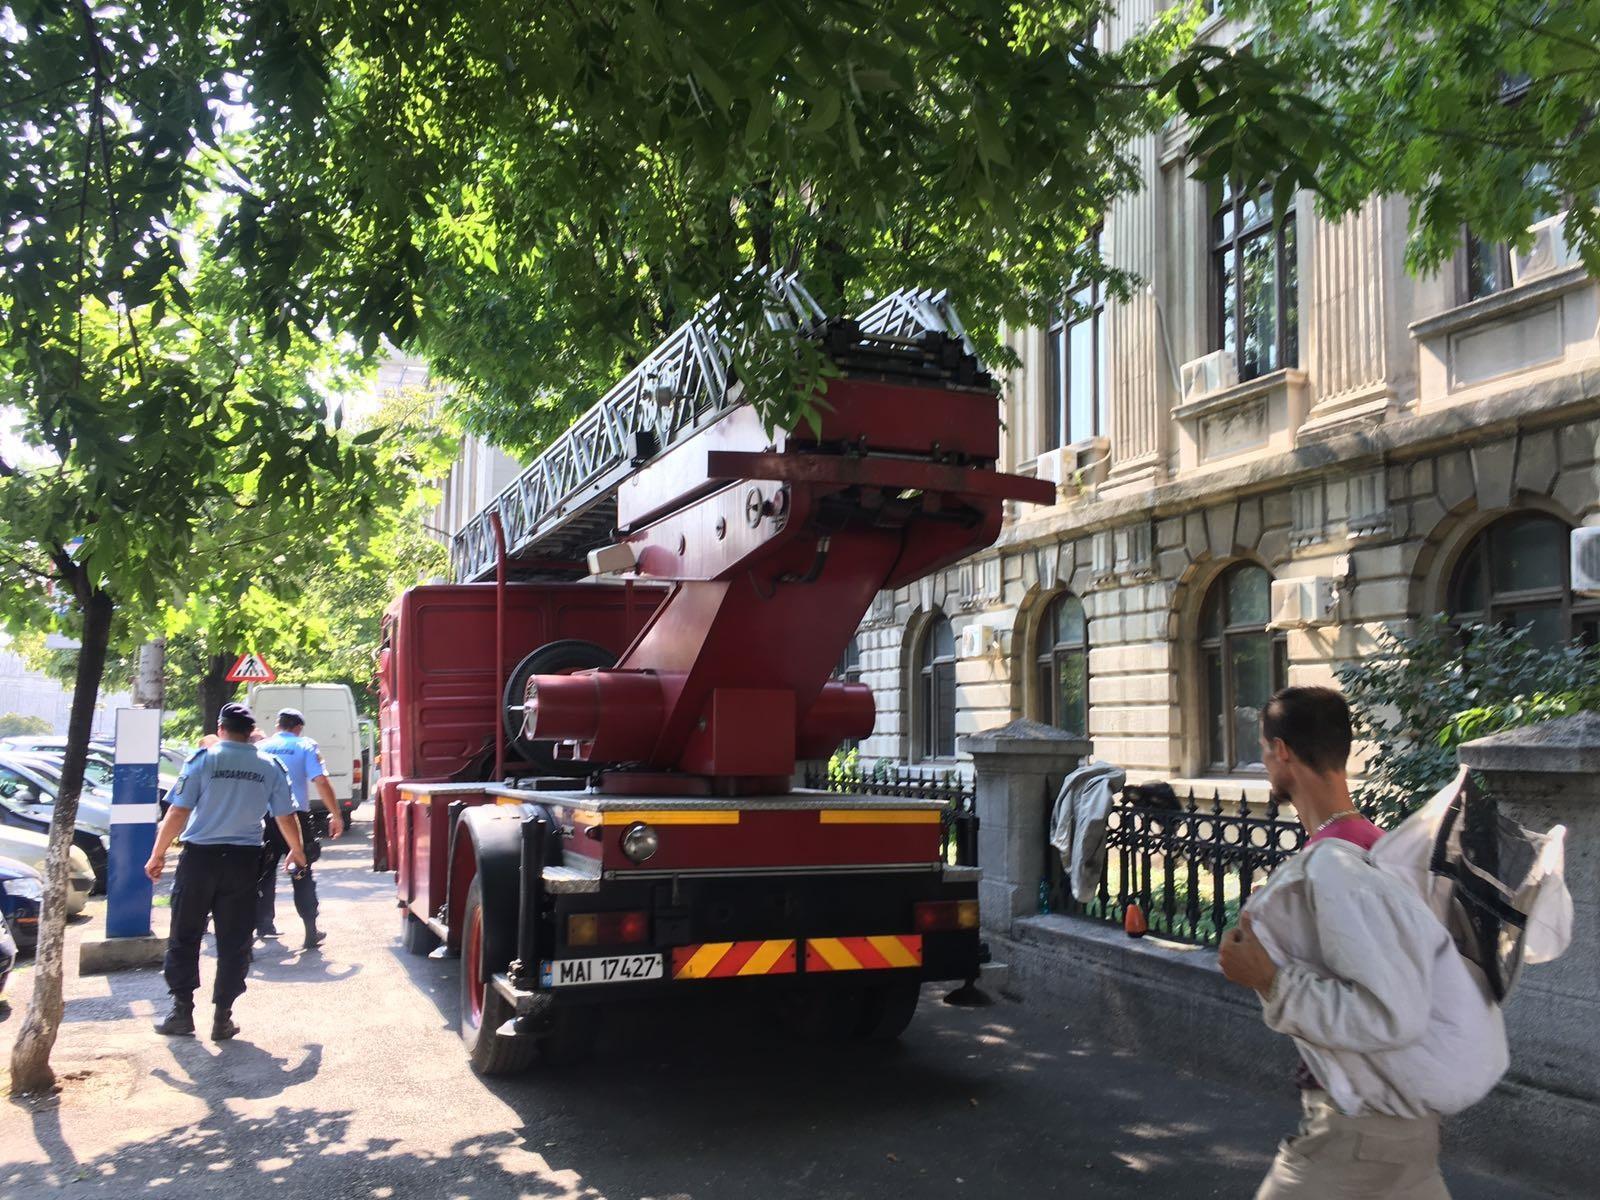 Incendiu pe acoperişul Universităţii Dimitrie Cantemir din Capitală